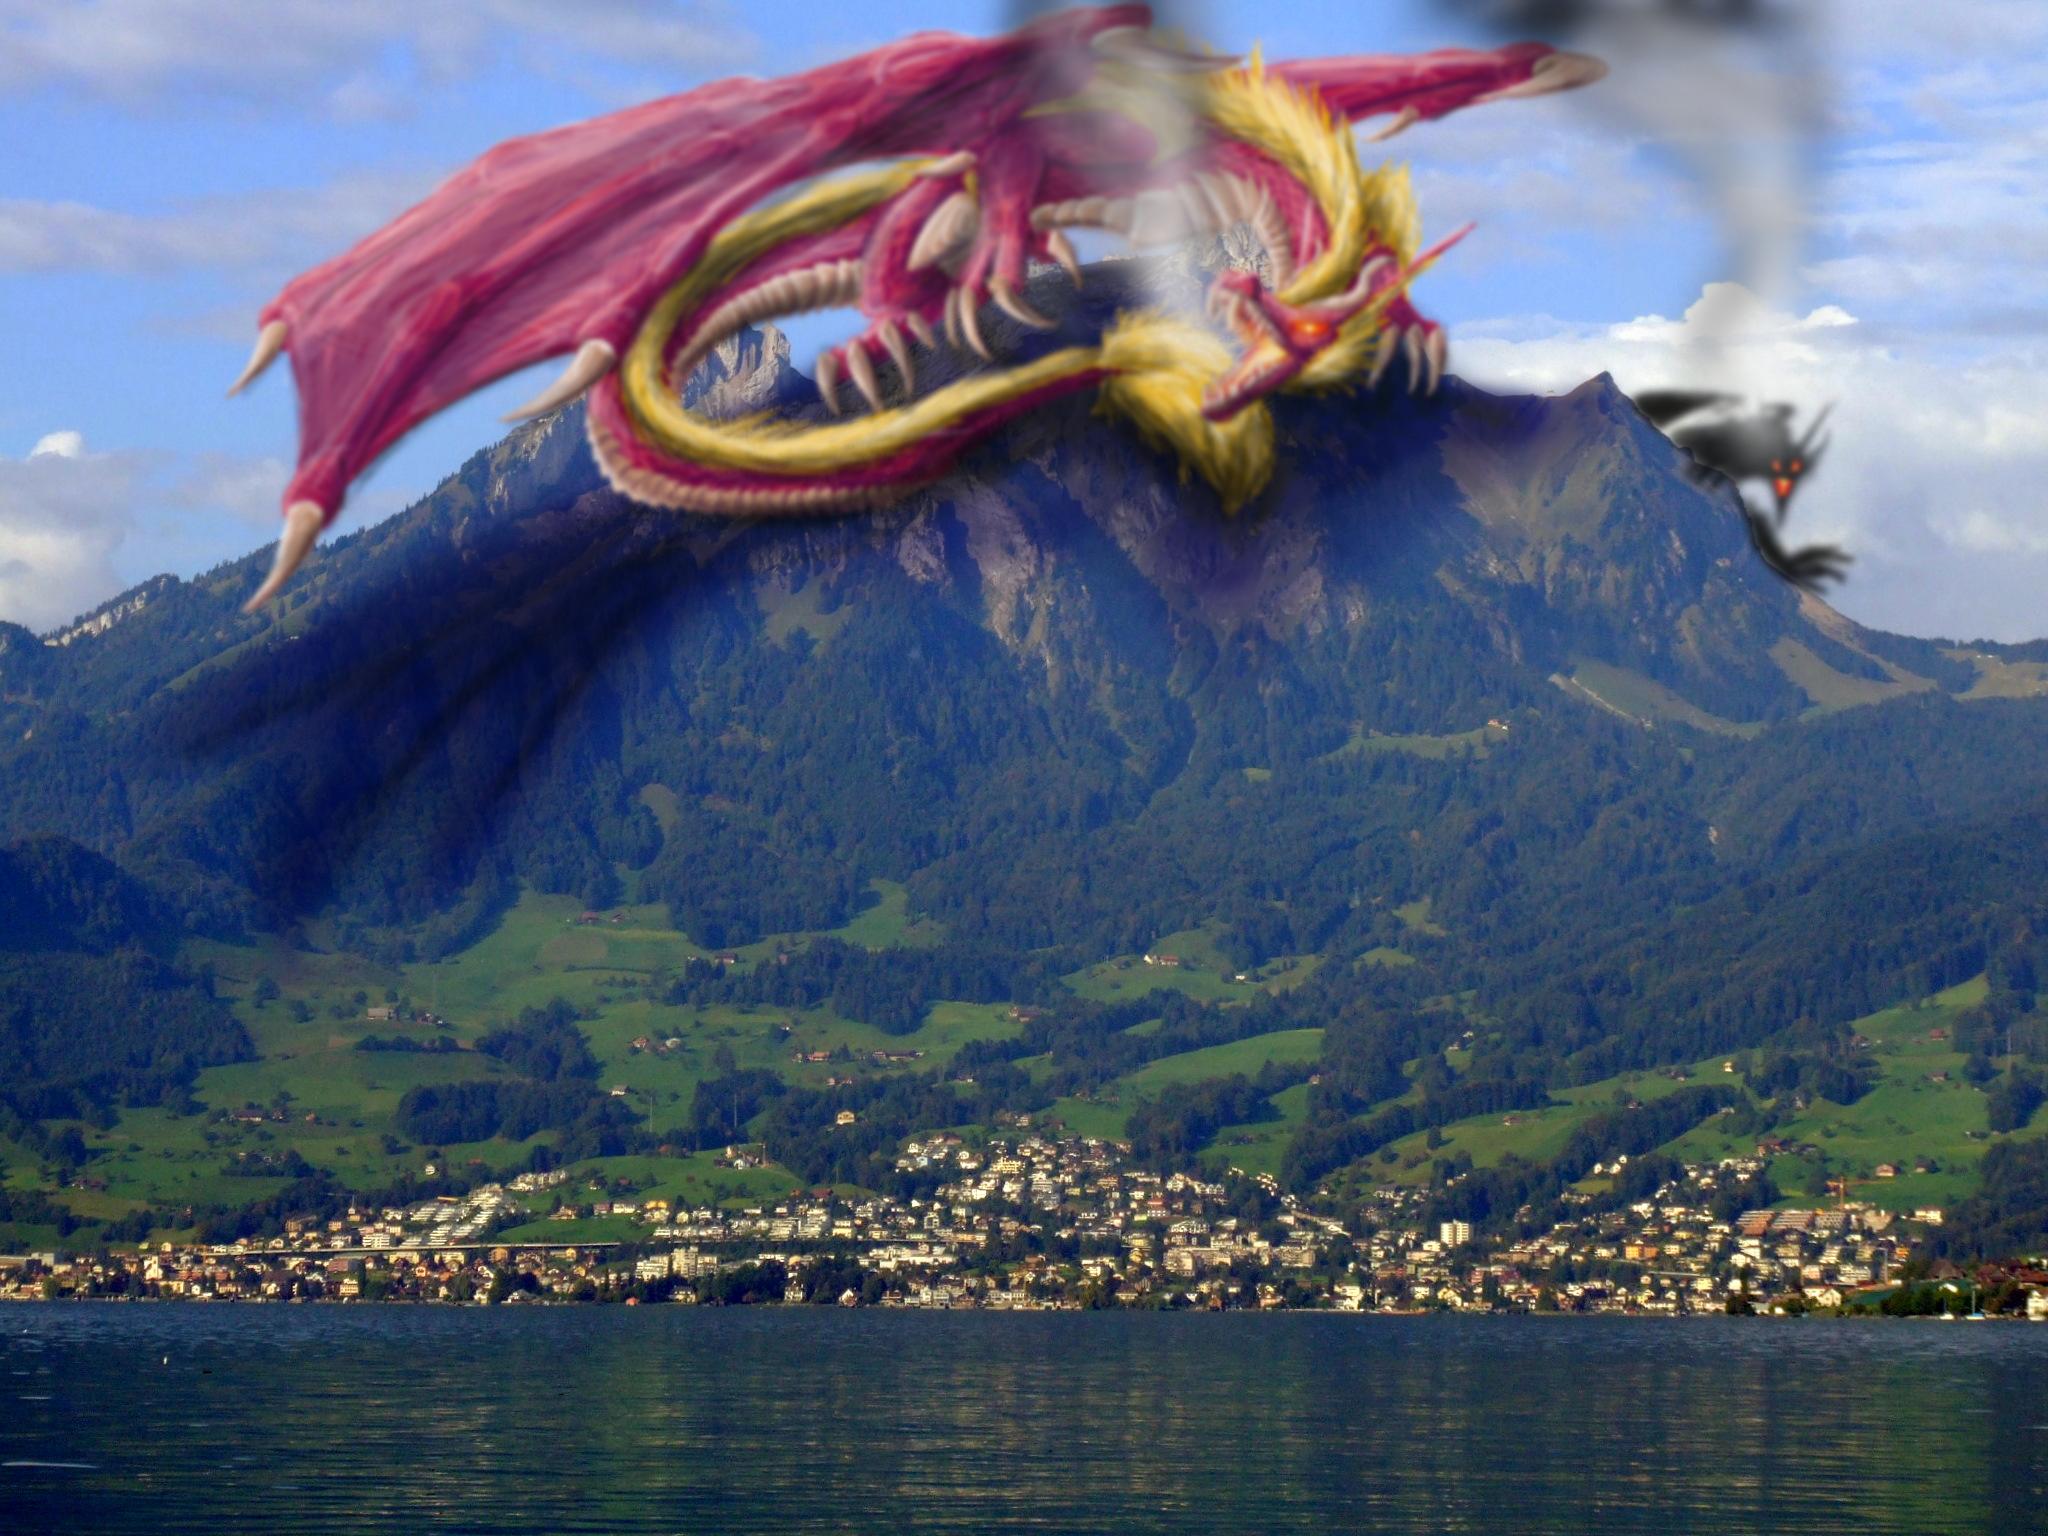 Mount Pilatus Mountain in Switzerland Sightseeing and